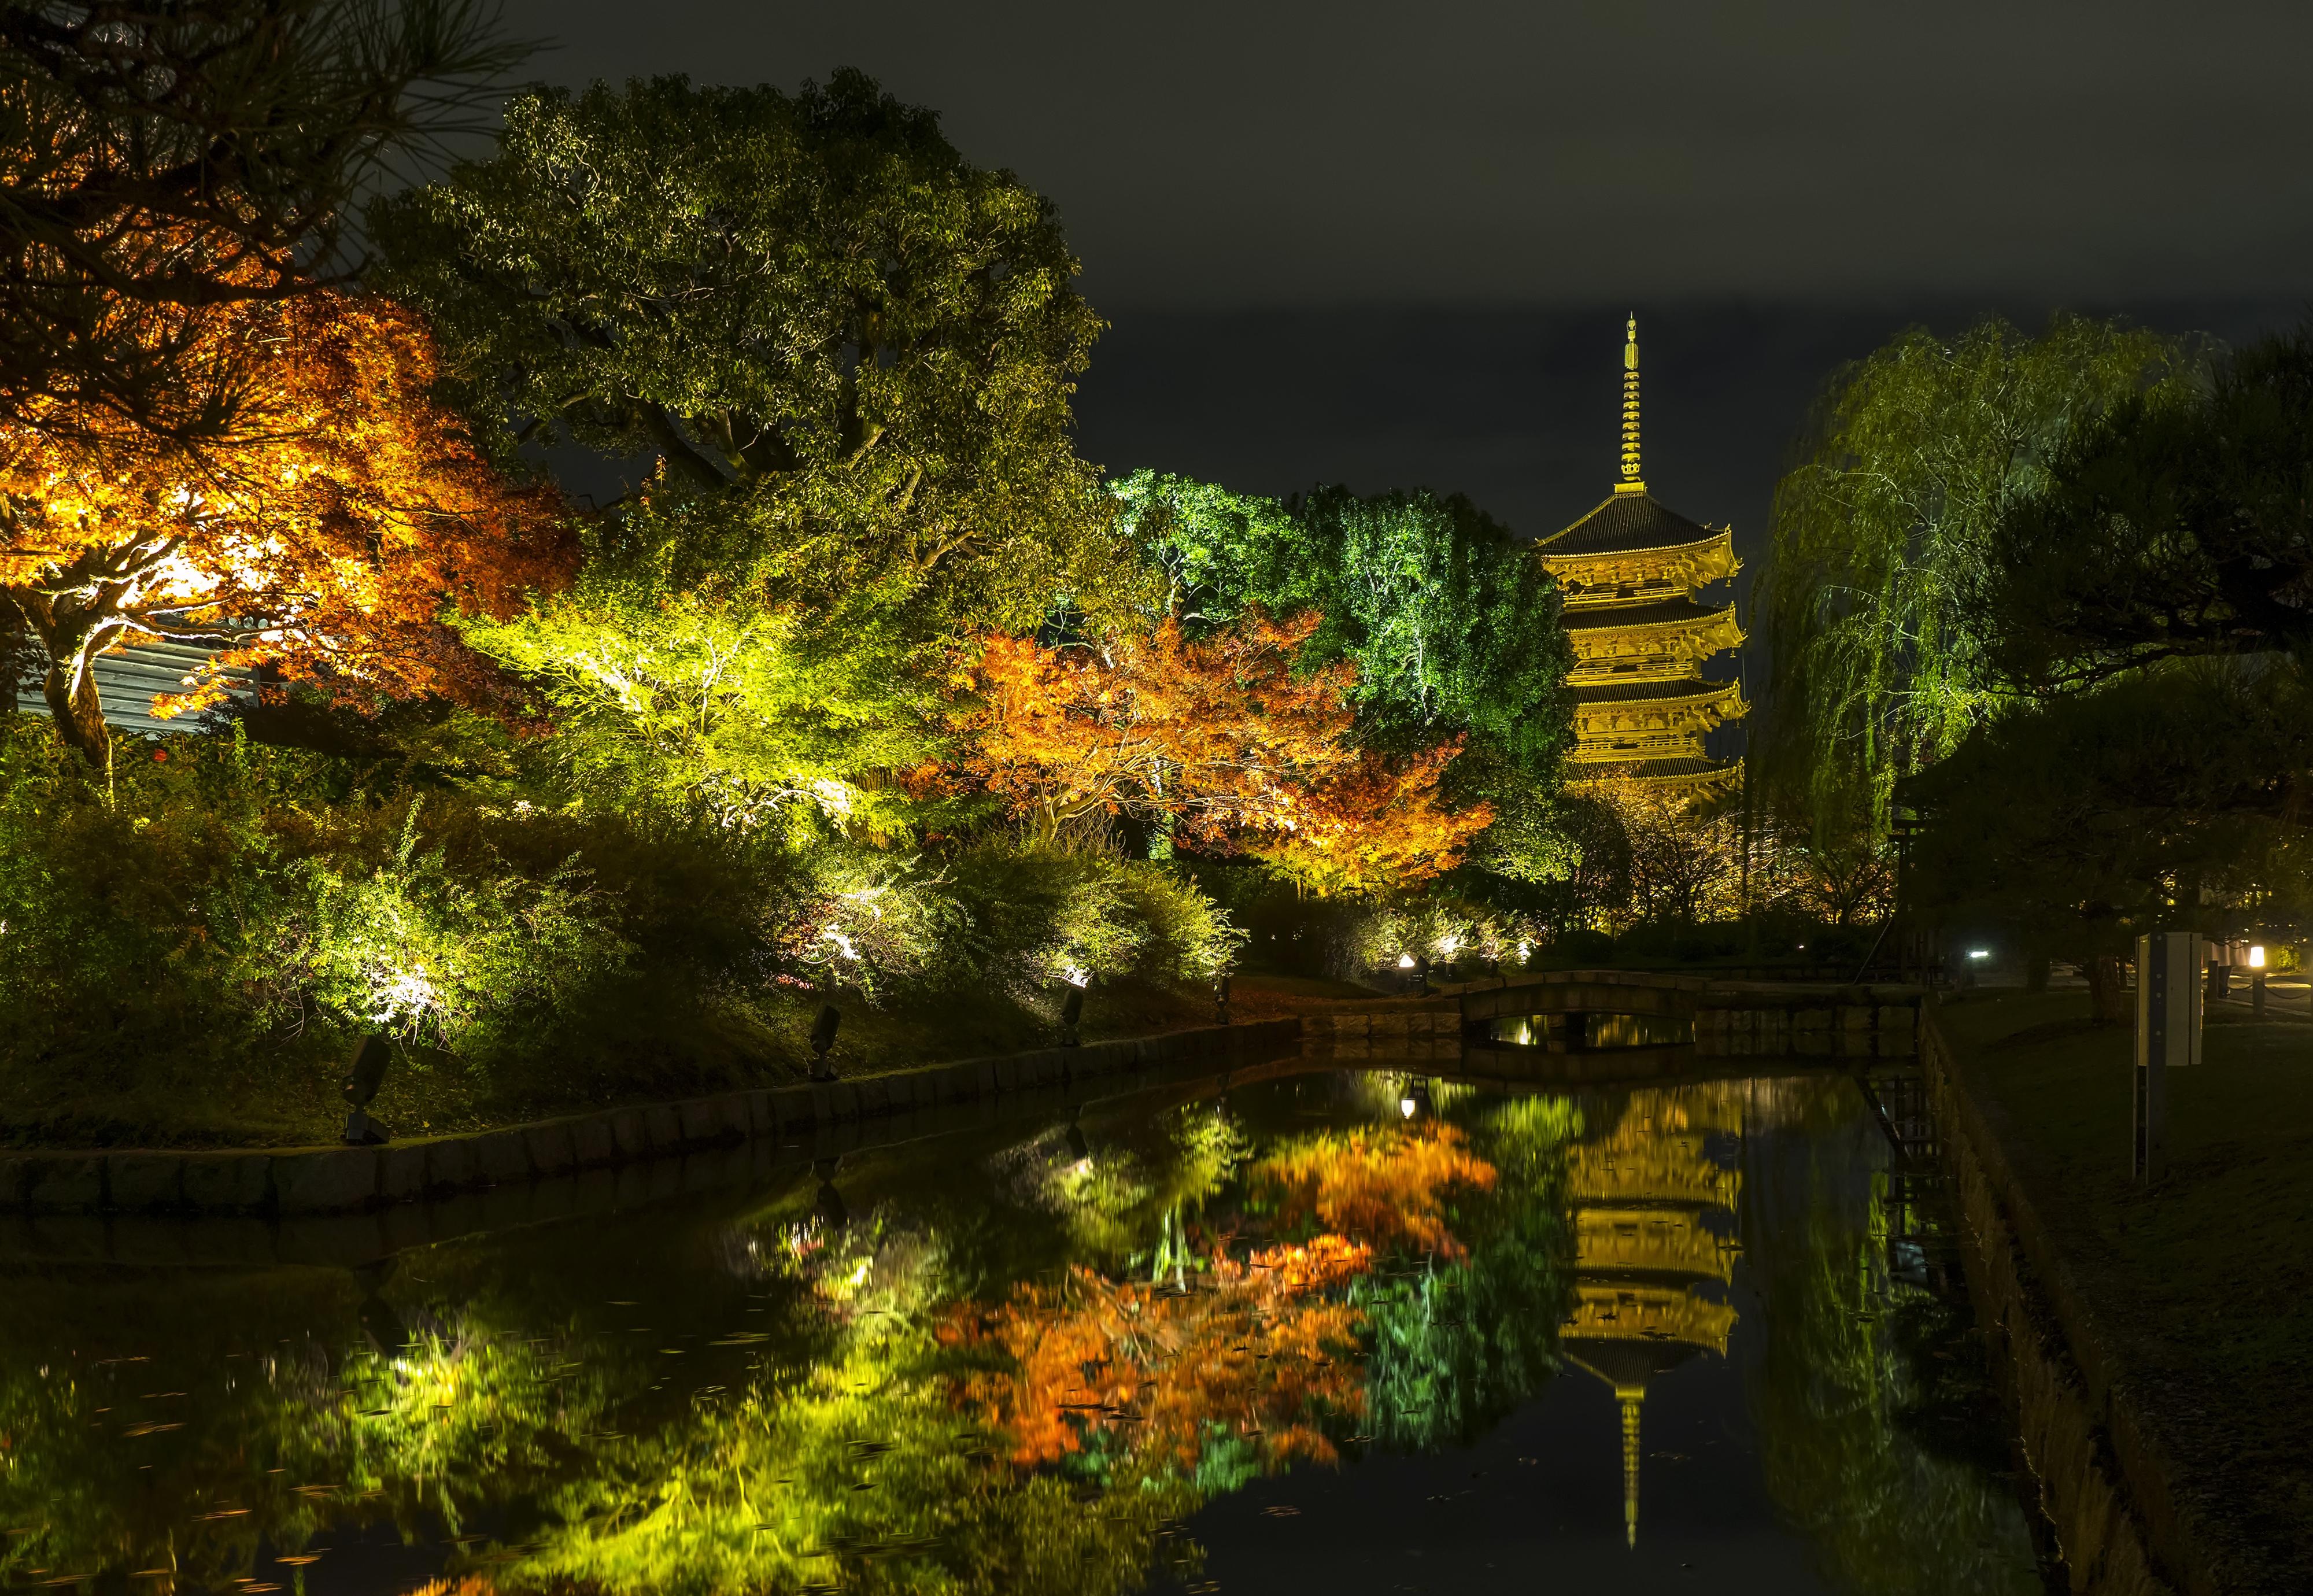 、日本、京都市、秋、公園、池、木、夜、街灯、自然